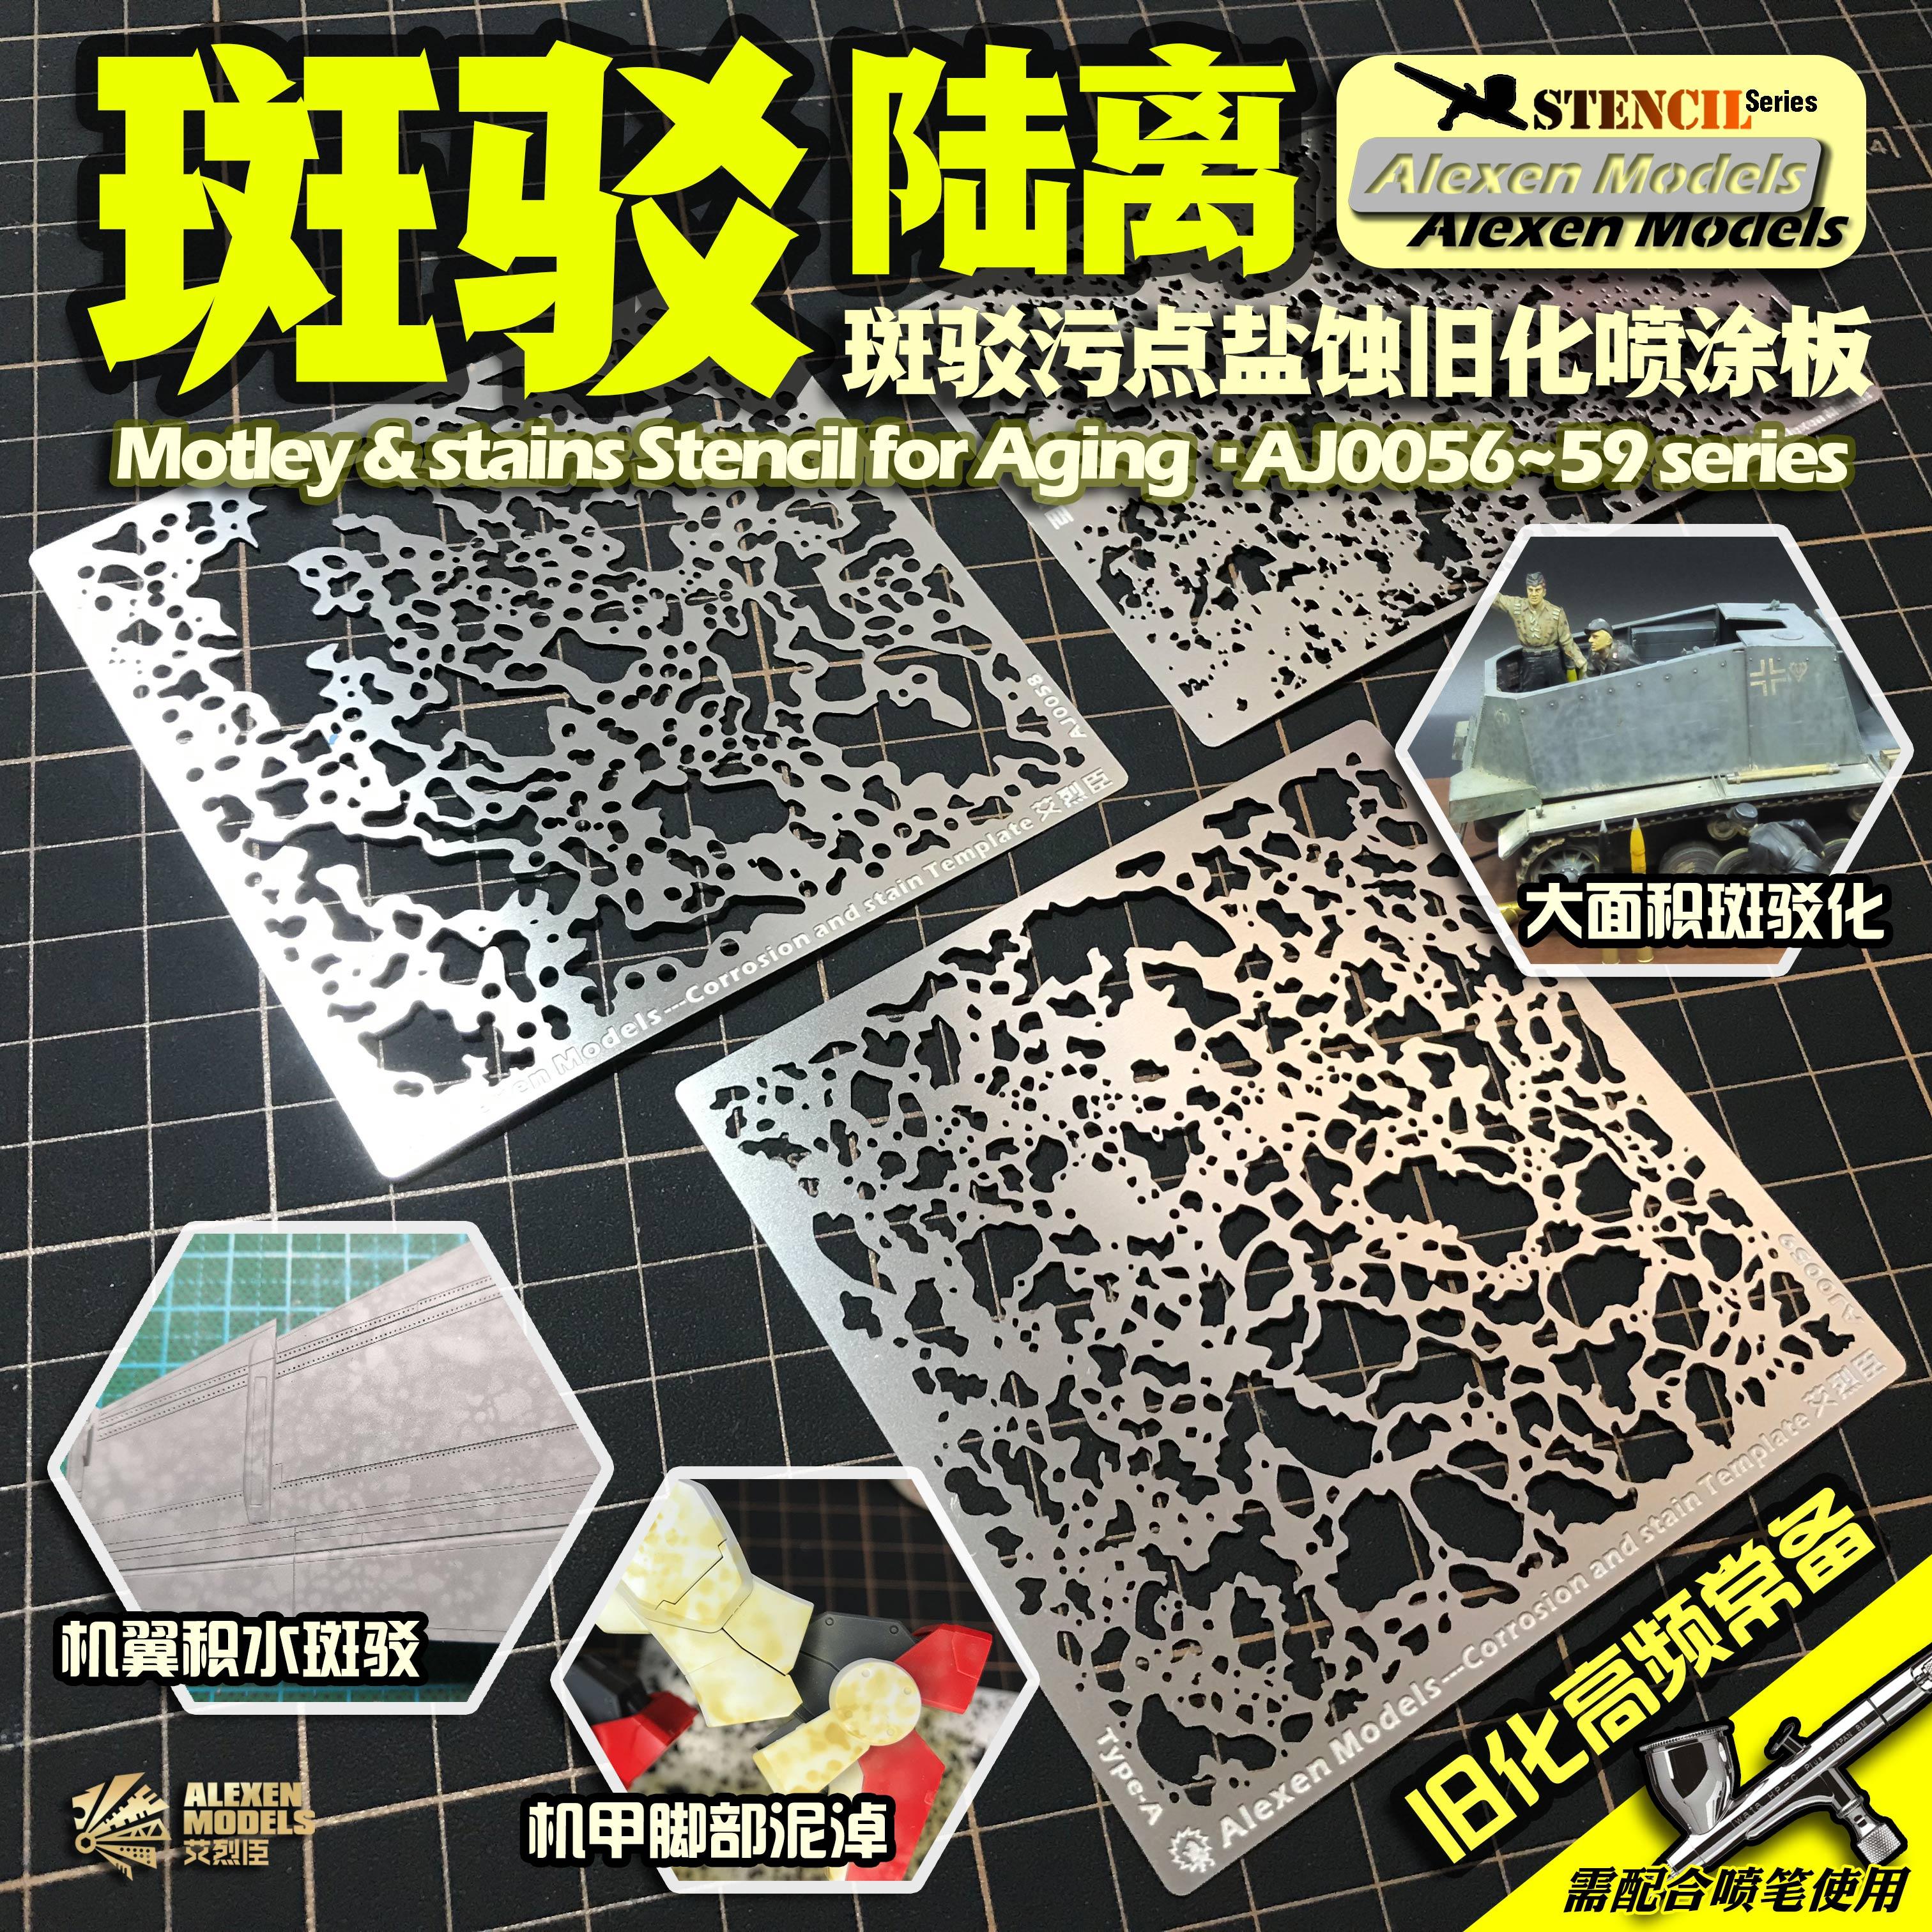 """【艾烈臣】""""斑驳陆离""""系列 模型专用旧化水渍污渍 小距离喷涂板"""